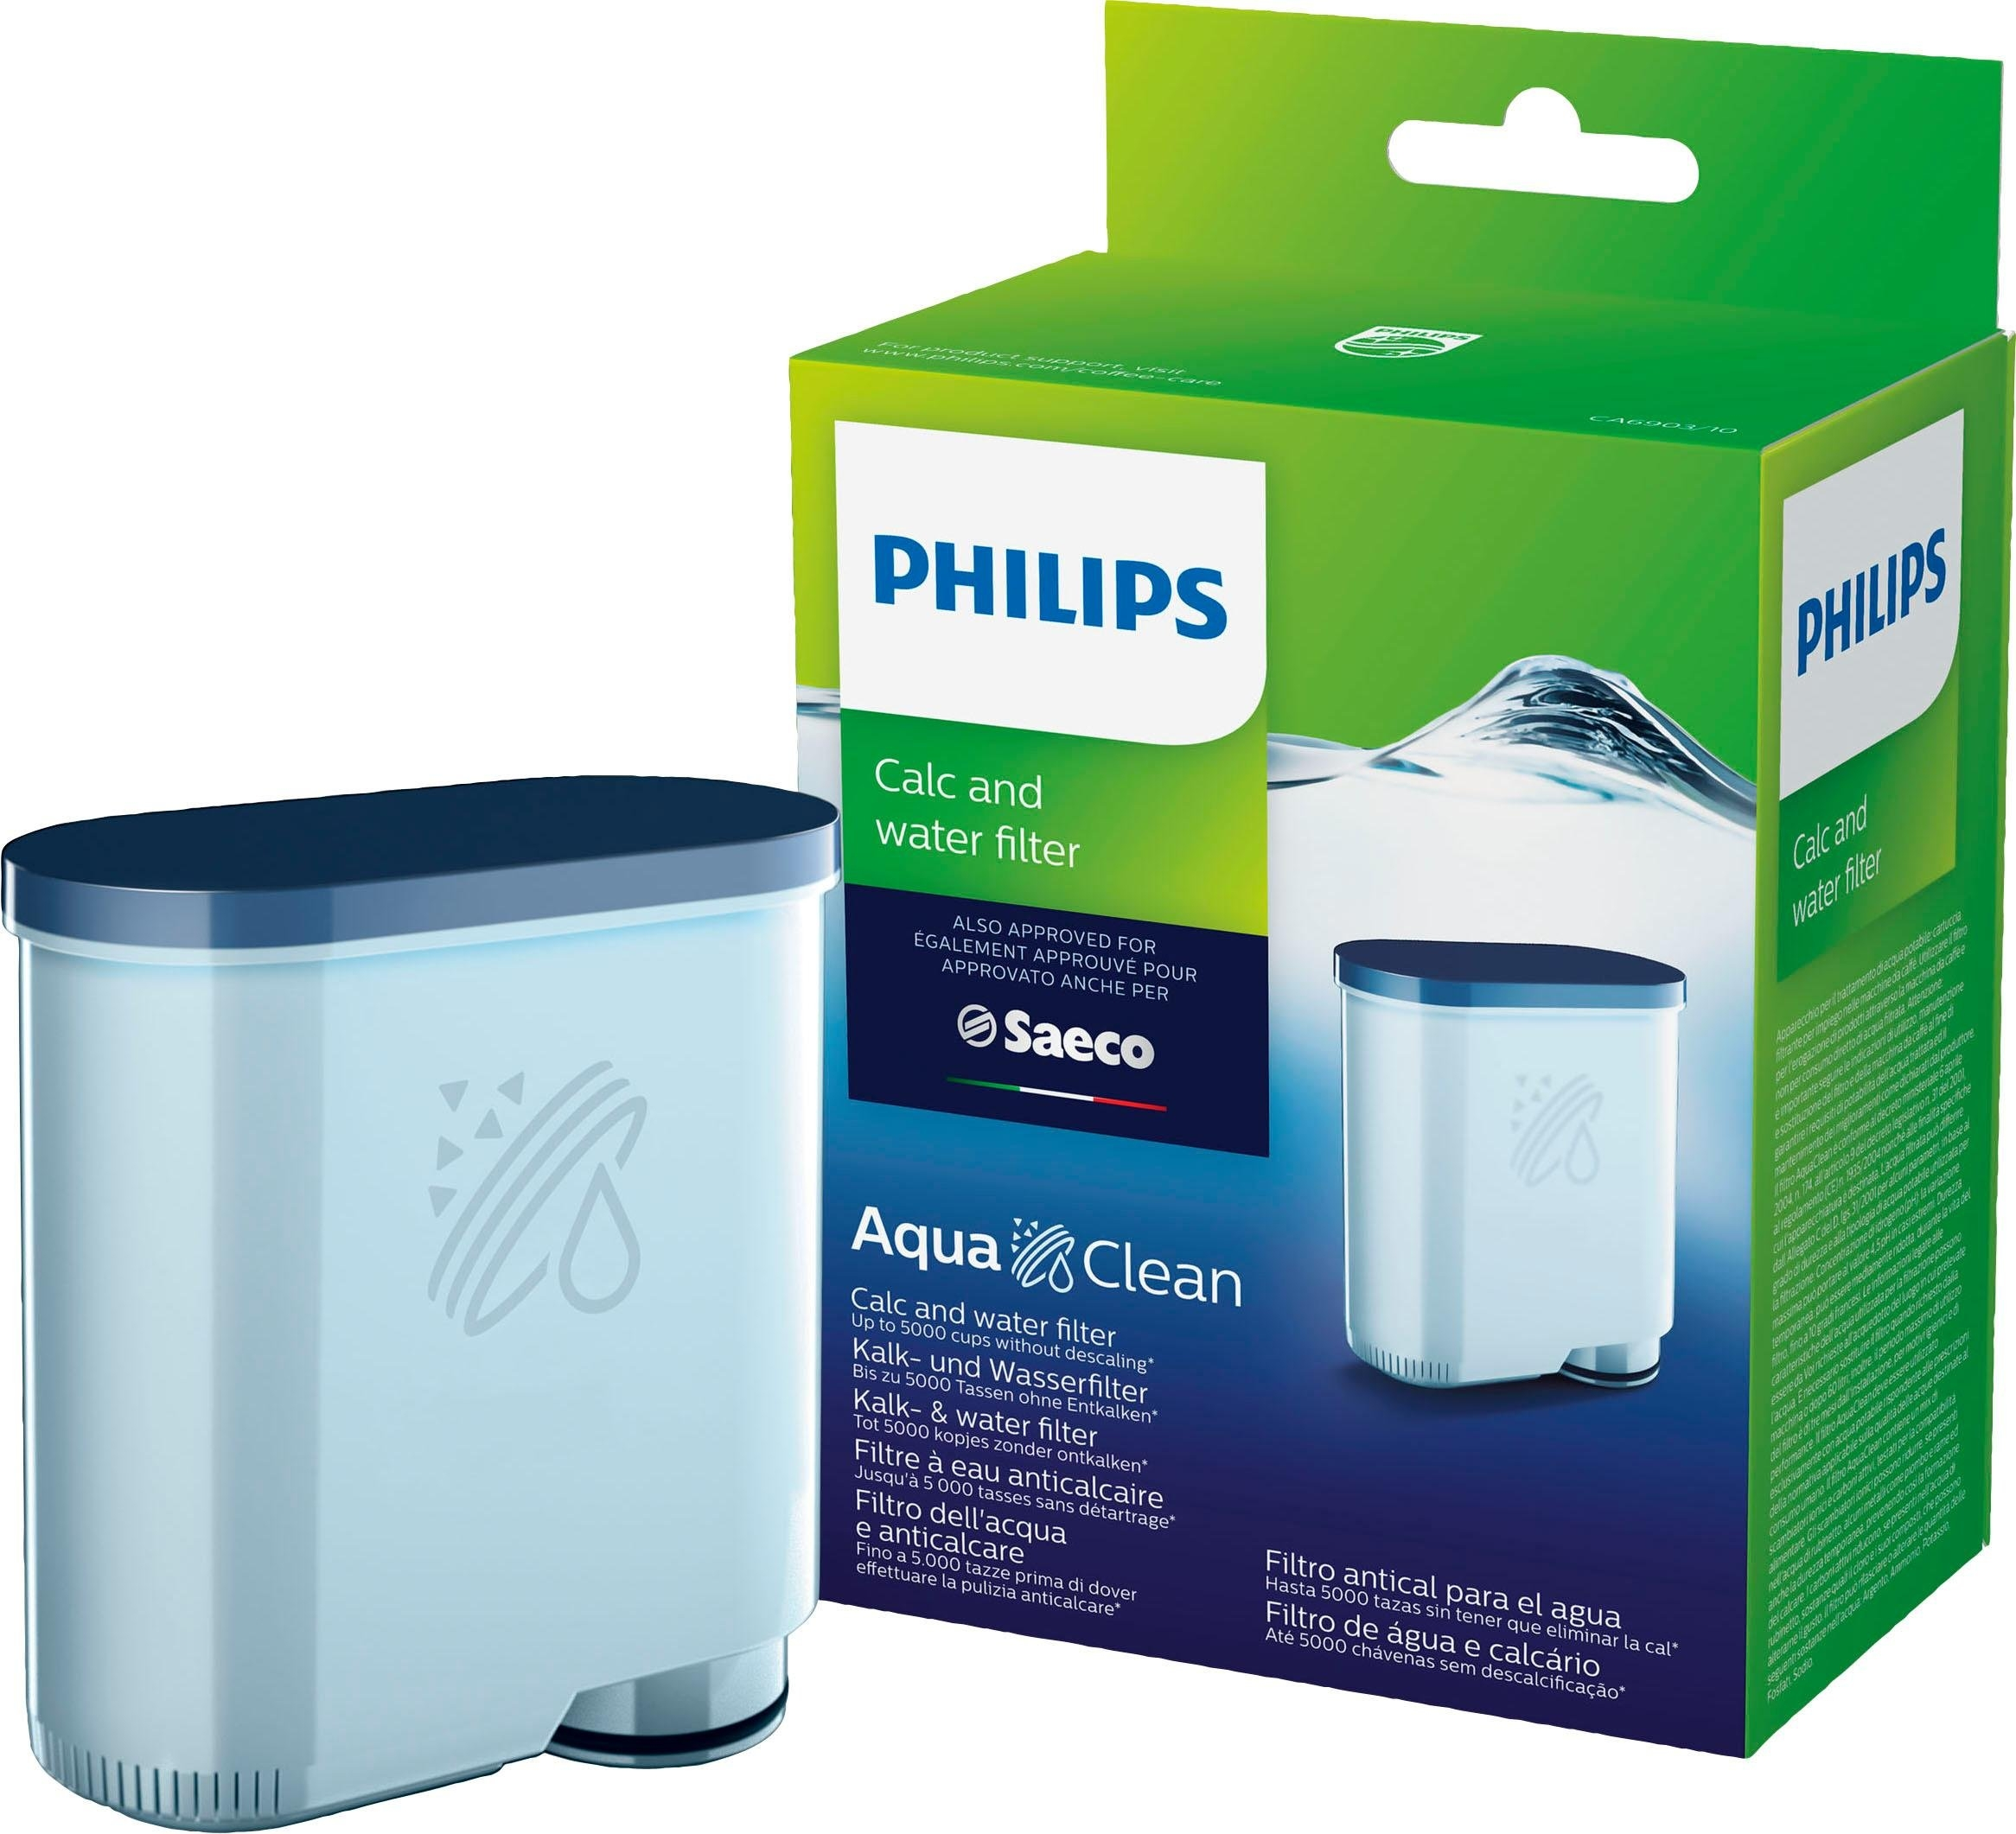 Saeco PHILIPS Kalk/waterfilter SAECO CA6903/00 AquaClean nu online kopen bij OTTO